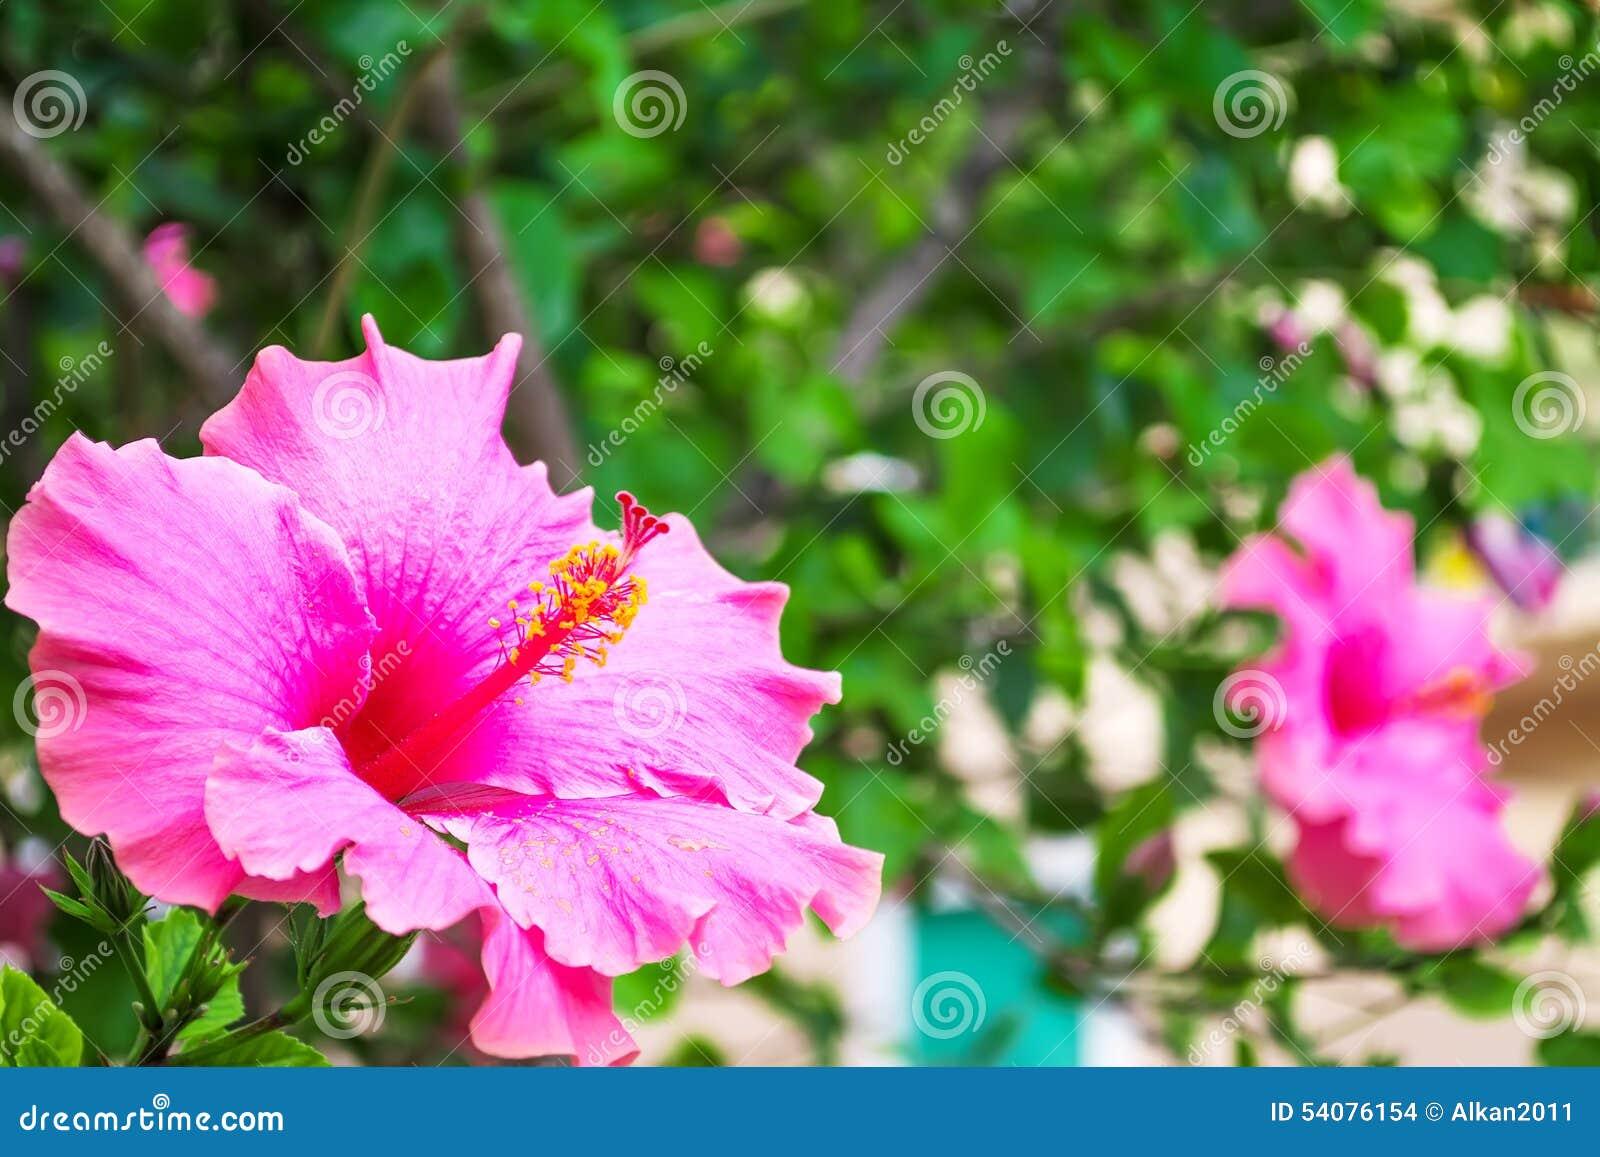 De hibiscus sluit omhoog